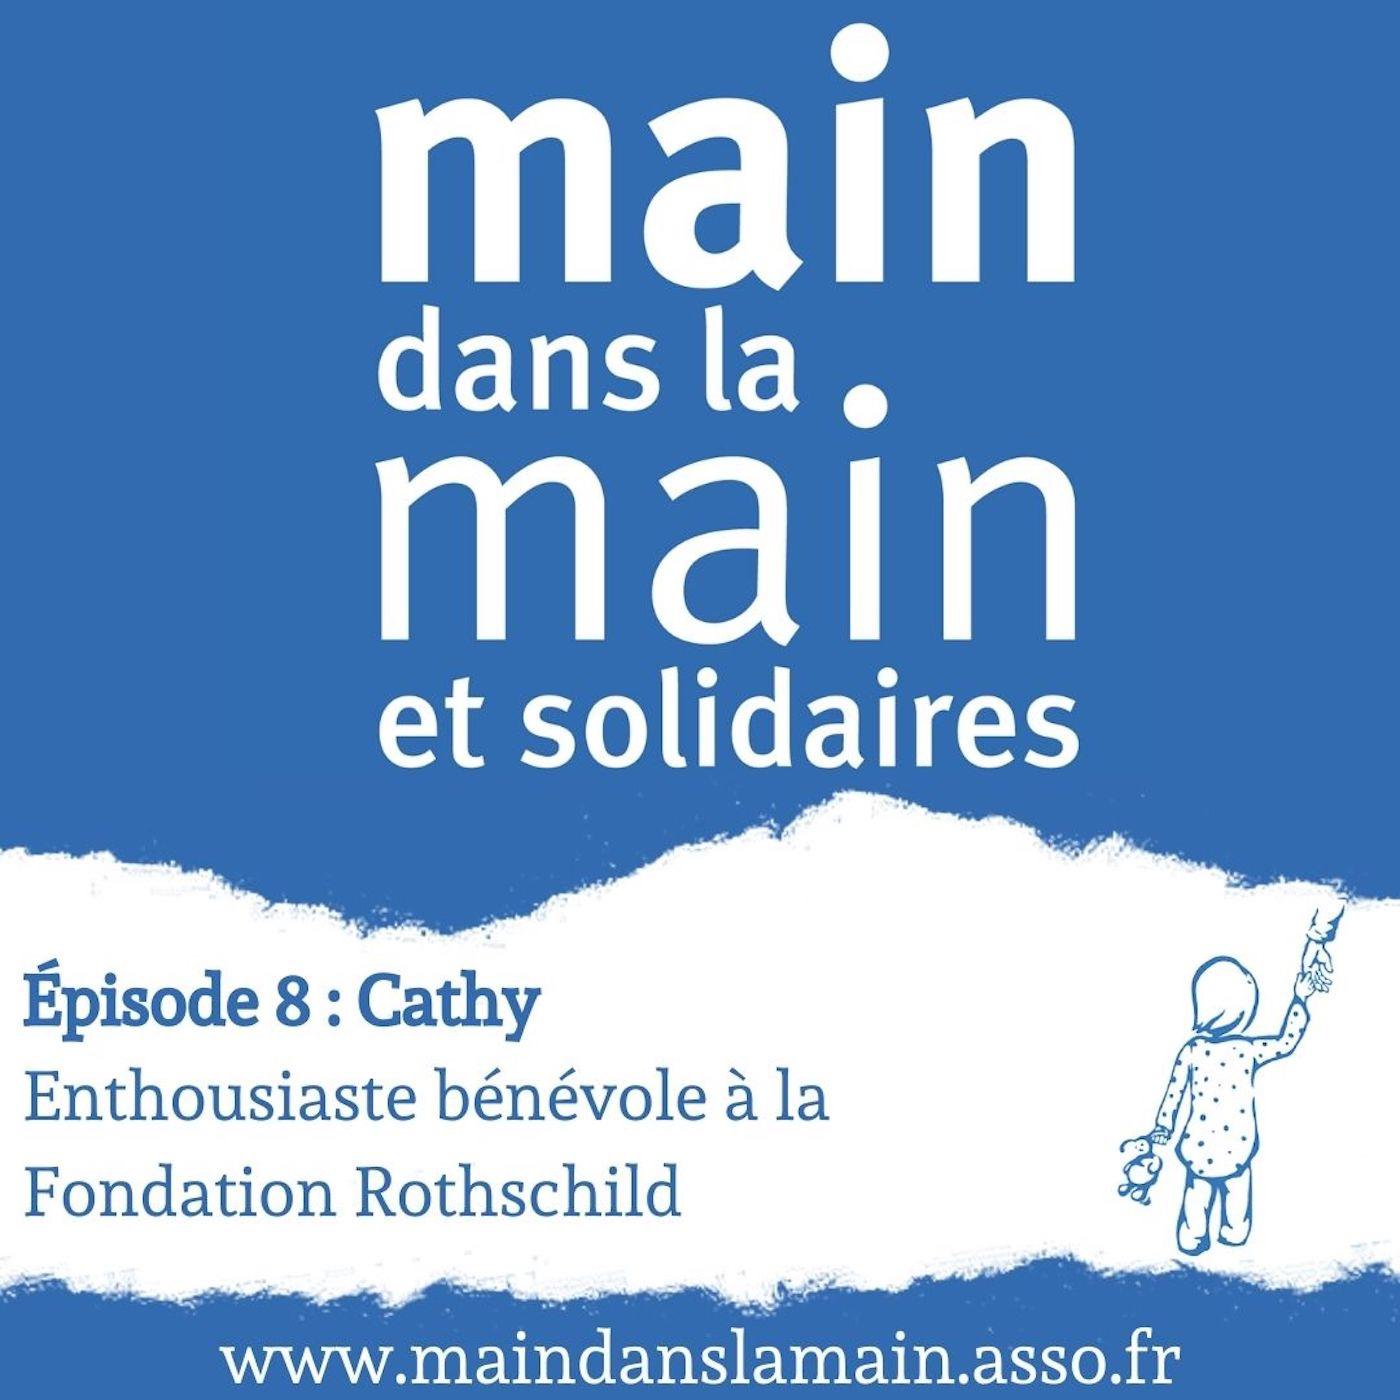 Episode 8-Cathy : Enthousiaste bénévole à la Fondation Rothschild